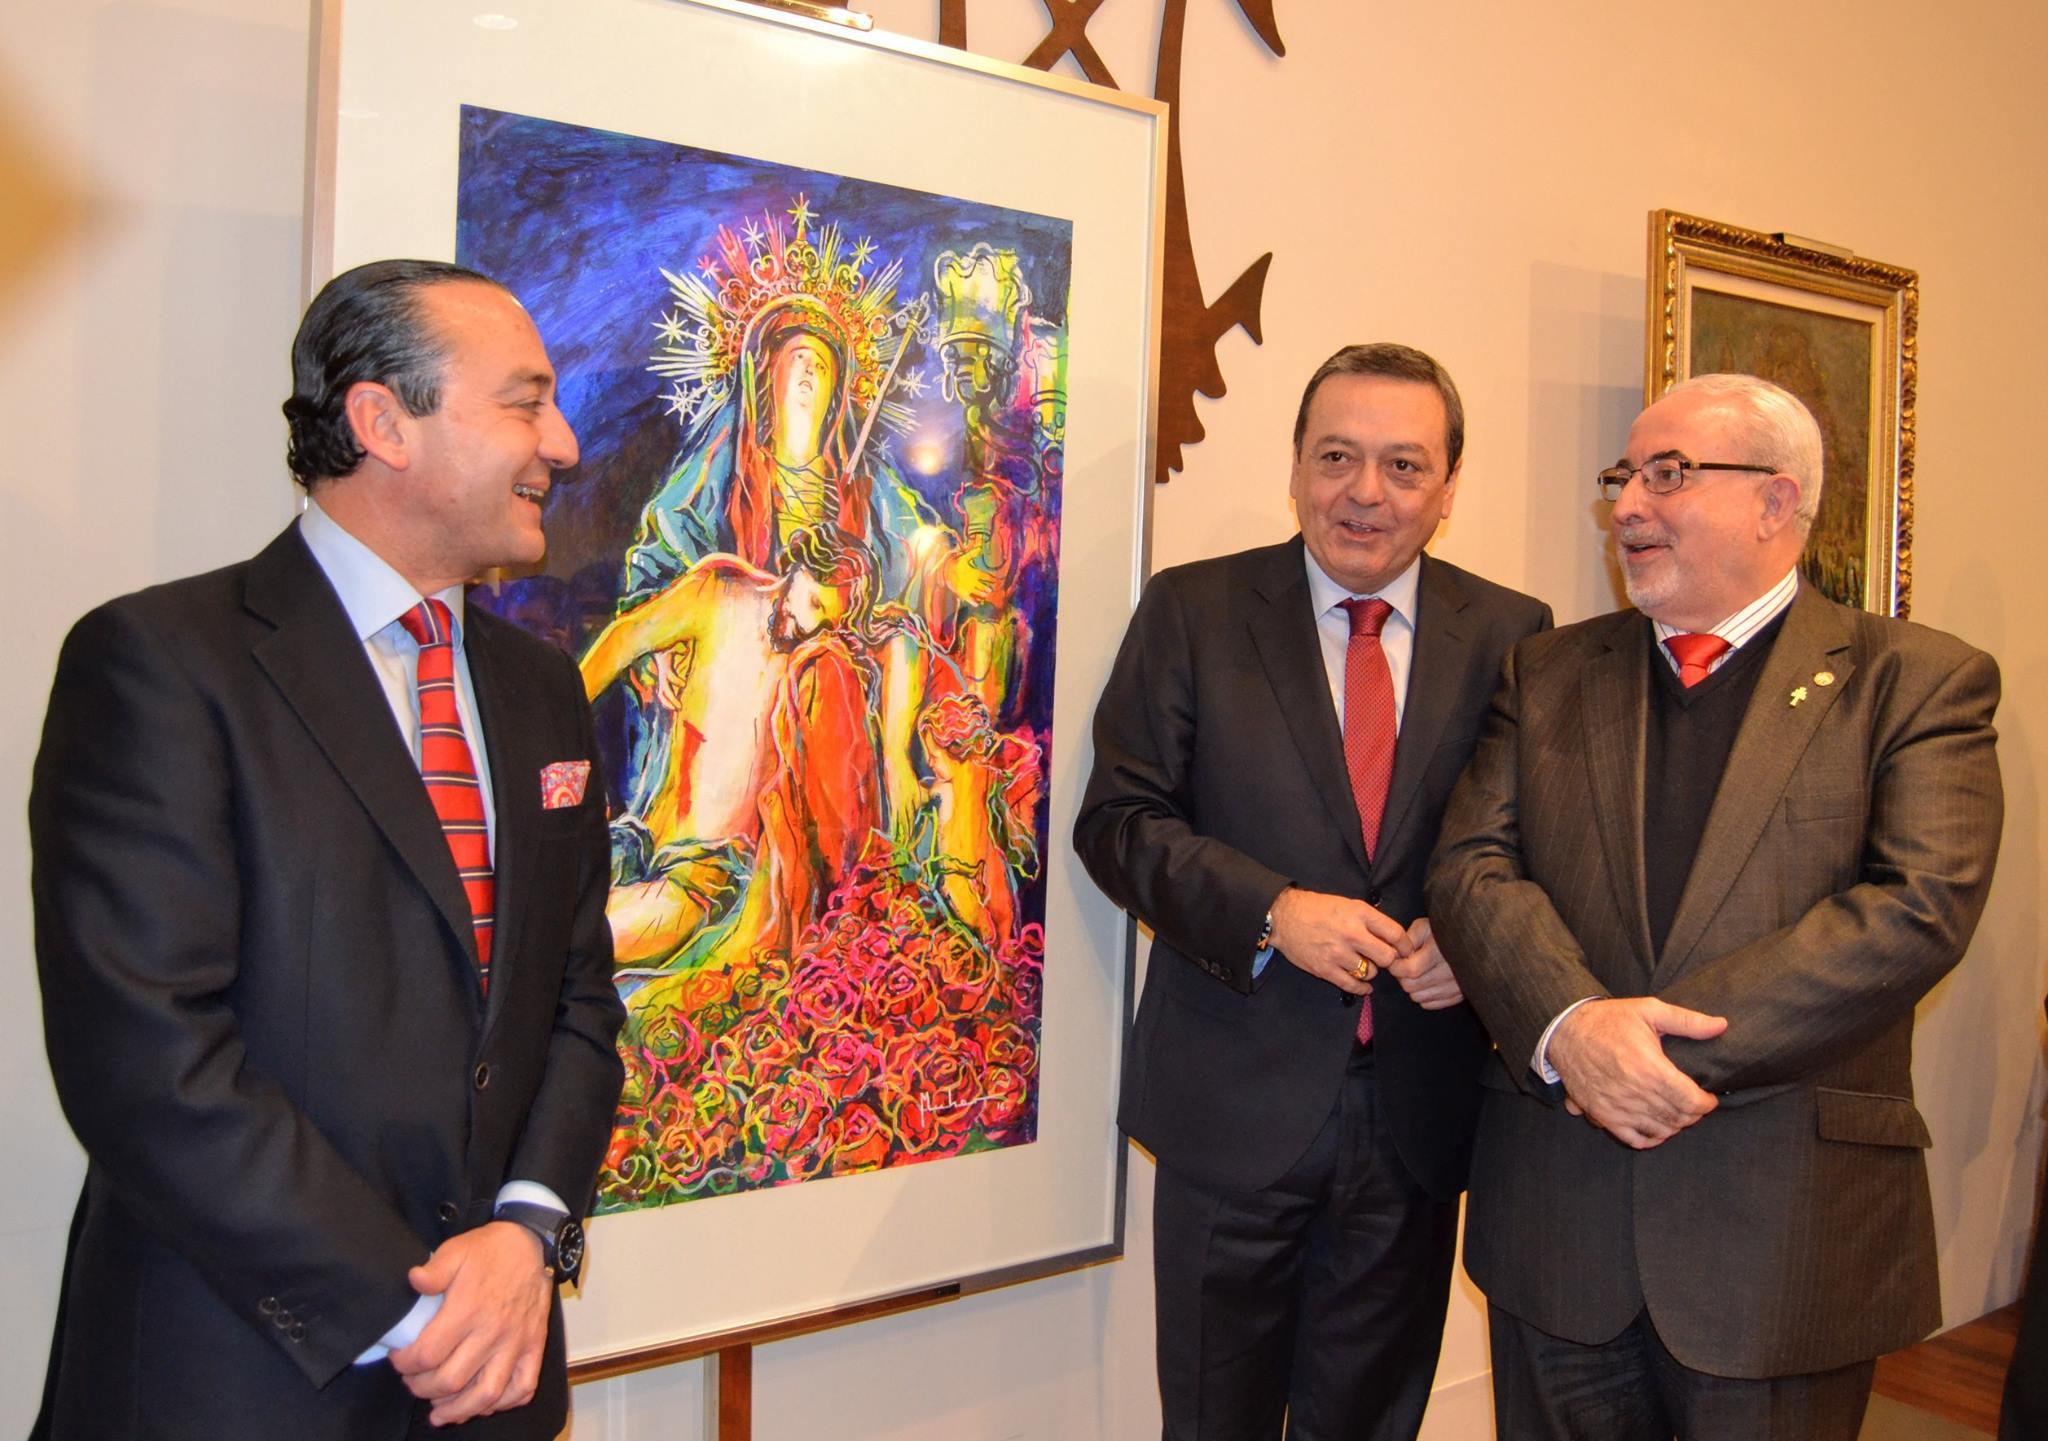 15995033 1258781357534420 2454147217324455369 o MUHER diseña el cartel oficial del III Encuentro Internacional de Hermandades y Cofradías que se celebrará en Murcia